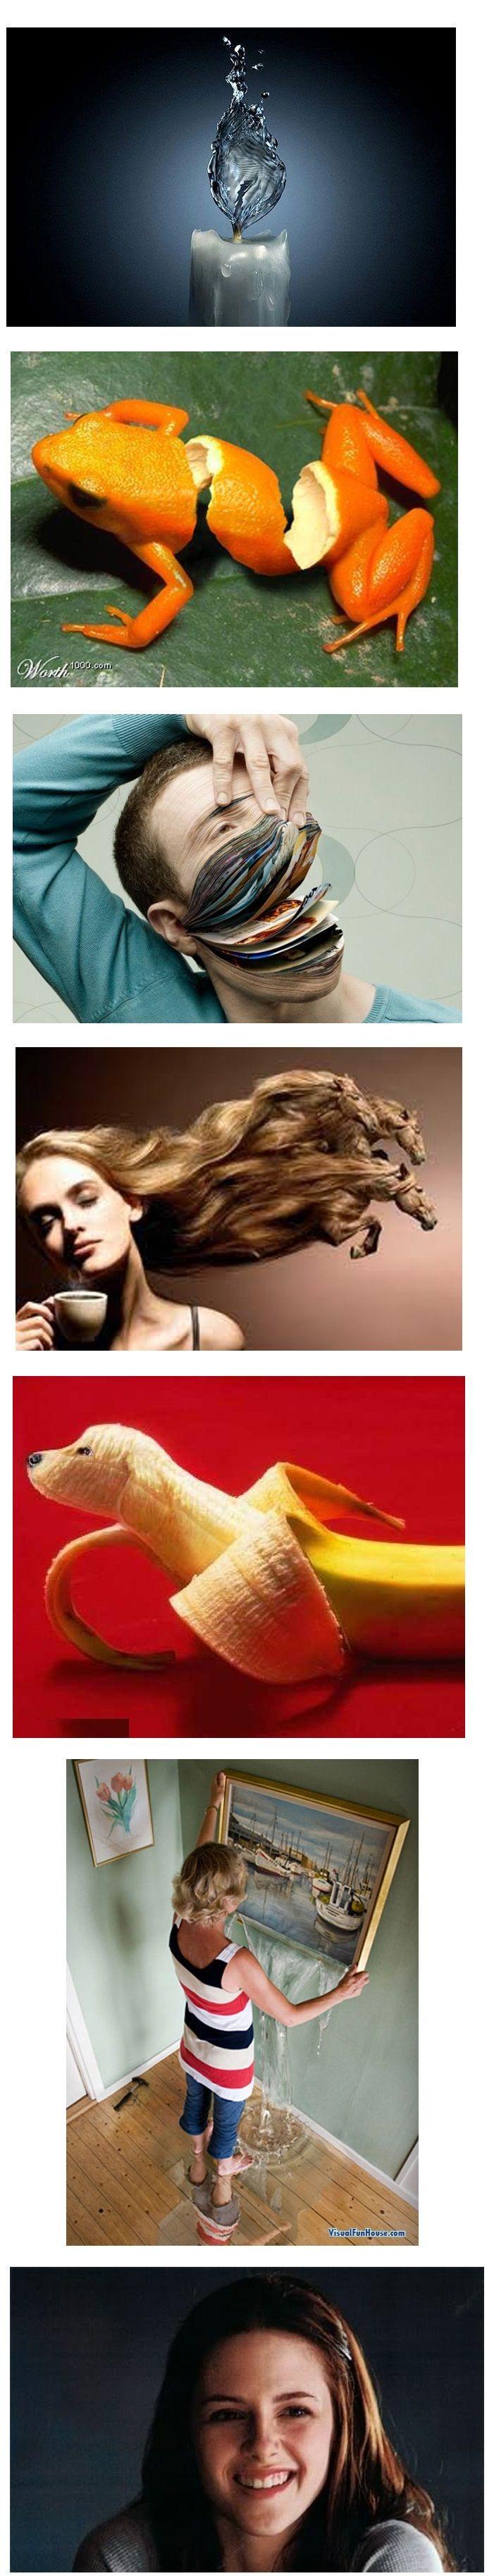 cool photoshopped images